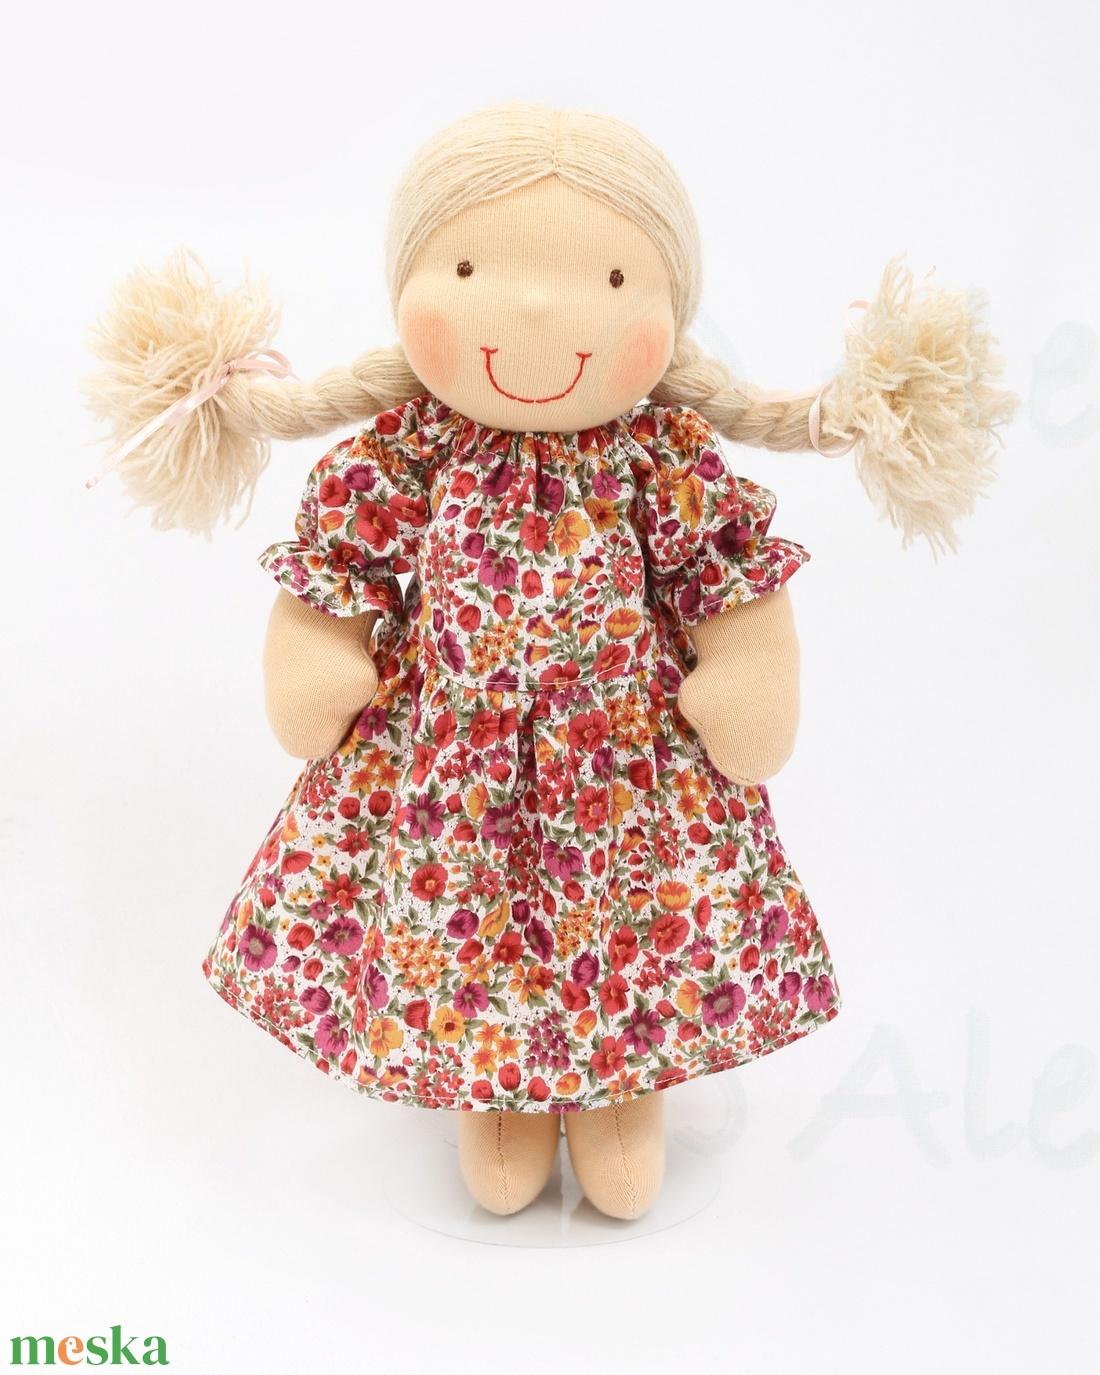 ... Waldorf baba és azonos anyagból készült kislány ruha (Aledi) - Meska.hu  ... 66e8f27372